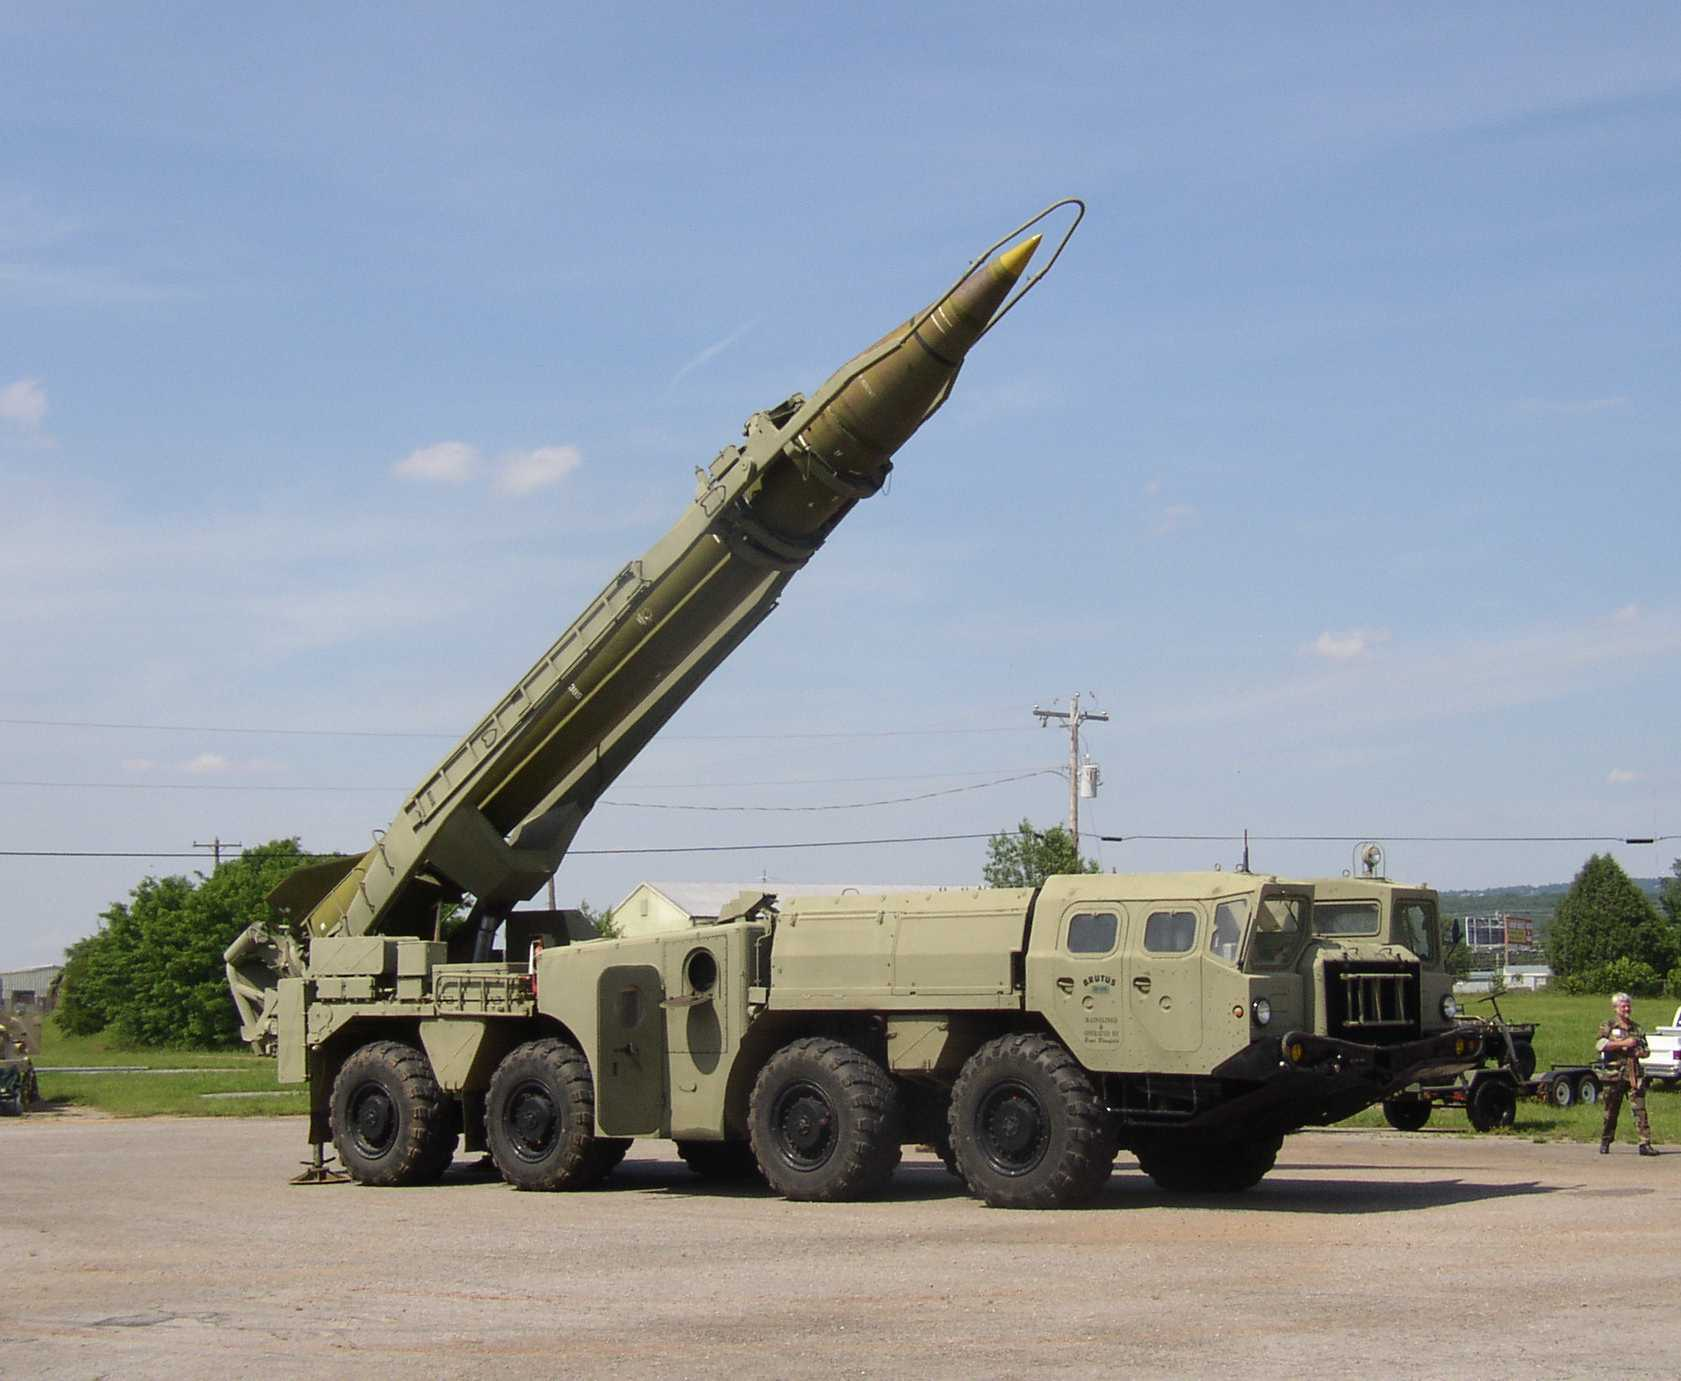 وحدات الدفاع الجوي الجزائري بالمصادر و صفقاته....... و الصواريخ الجزائرية - صفحة 2 Scud3a